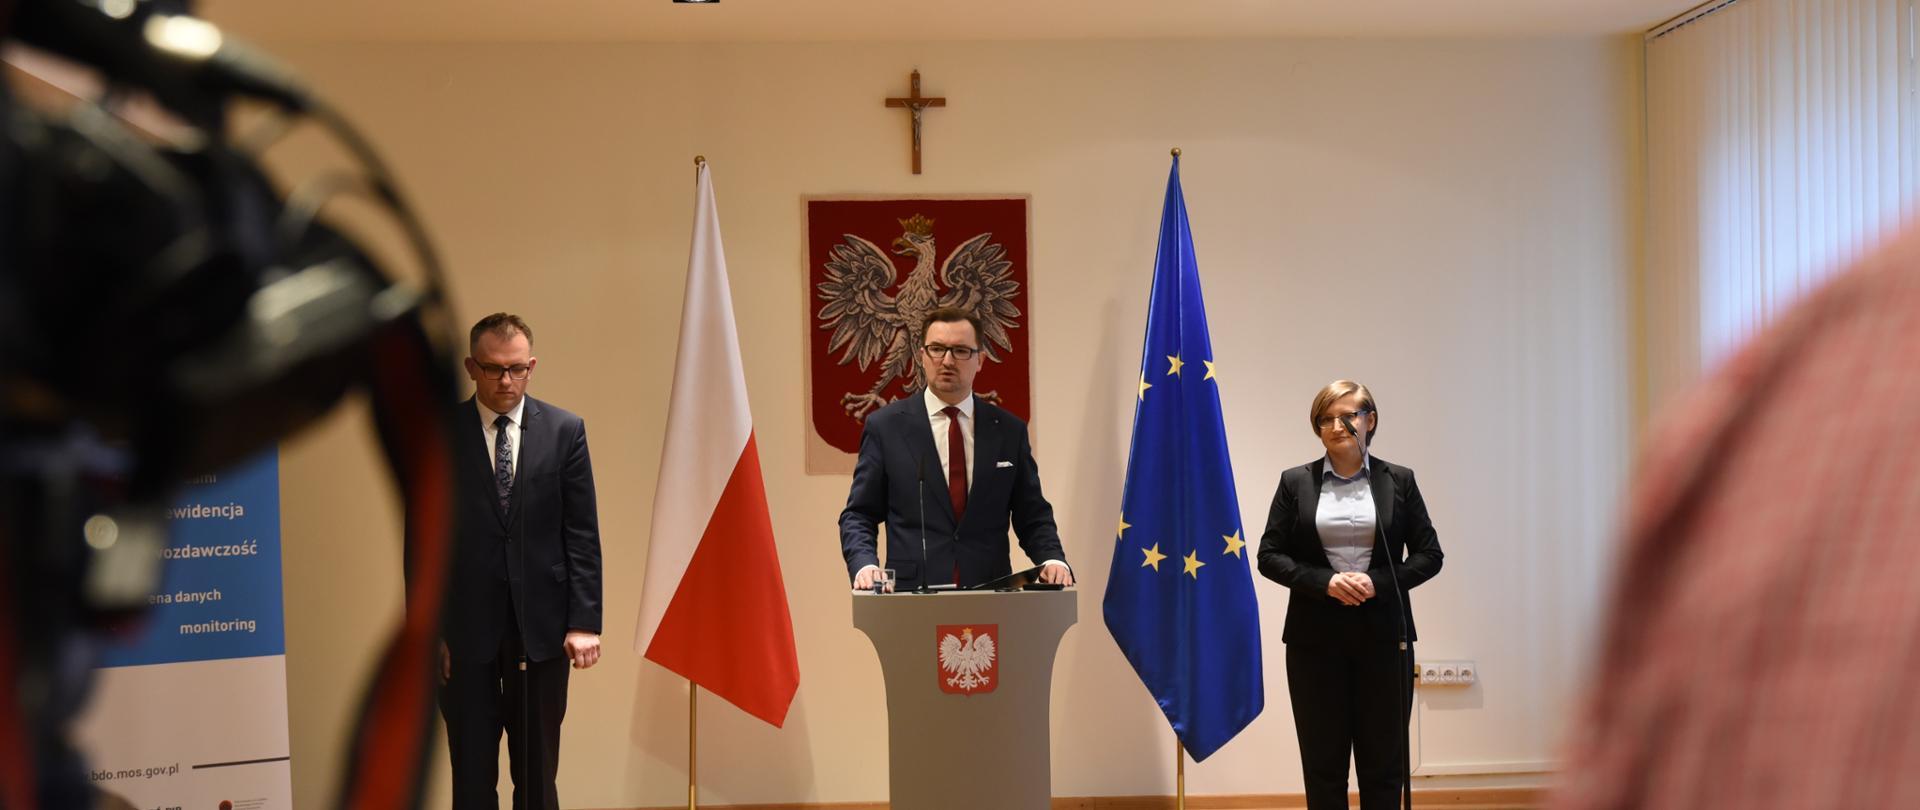 Konferencja prasowa wiceministra S. Mazurka dot. BDO